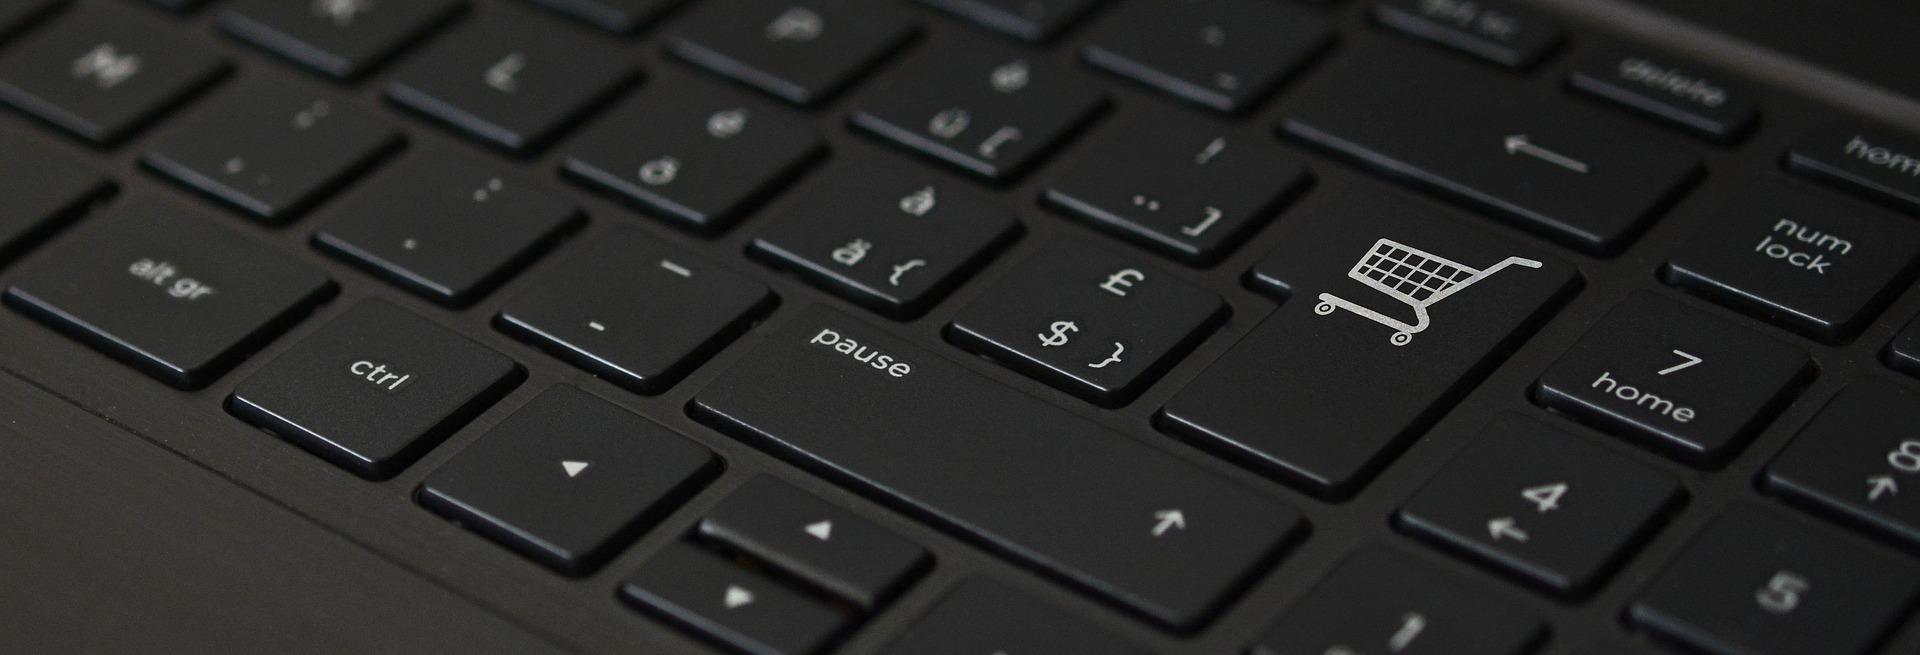 Los colombianos cada vez más habituados al comercio en línea